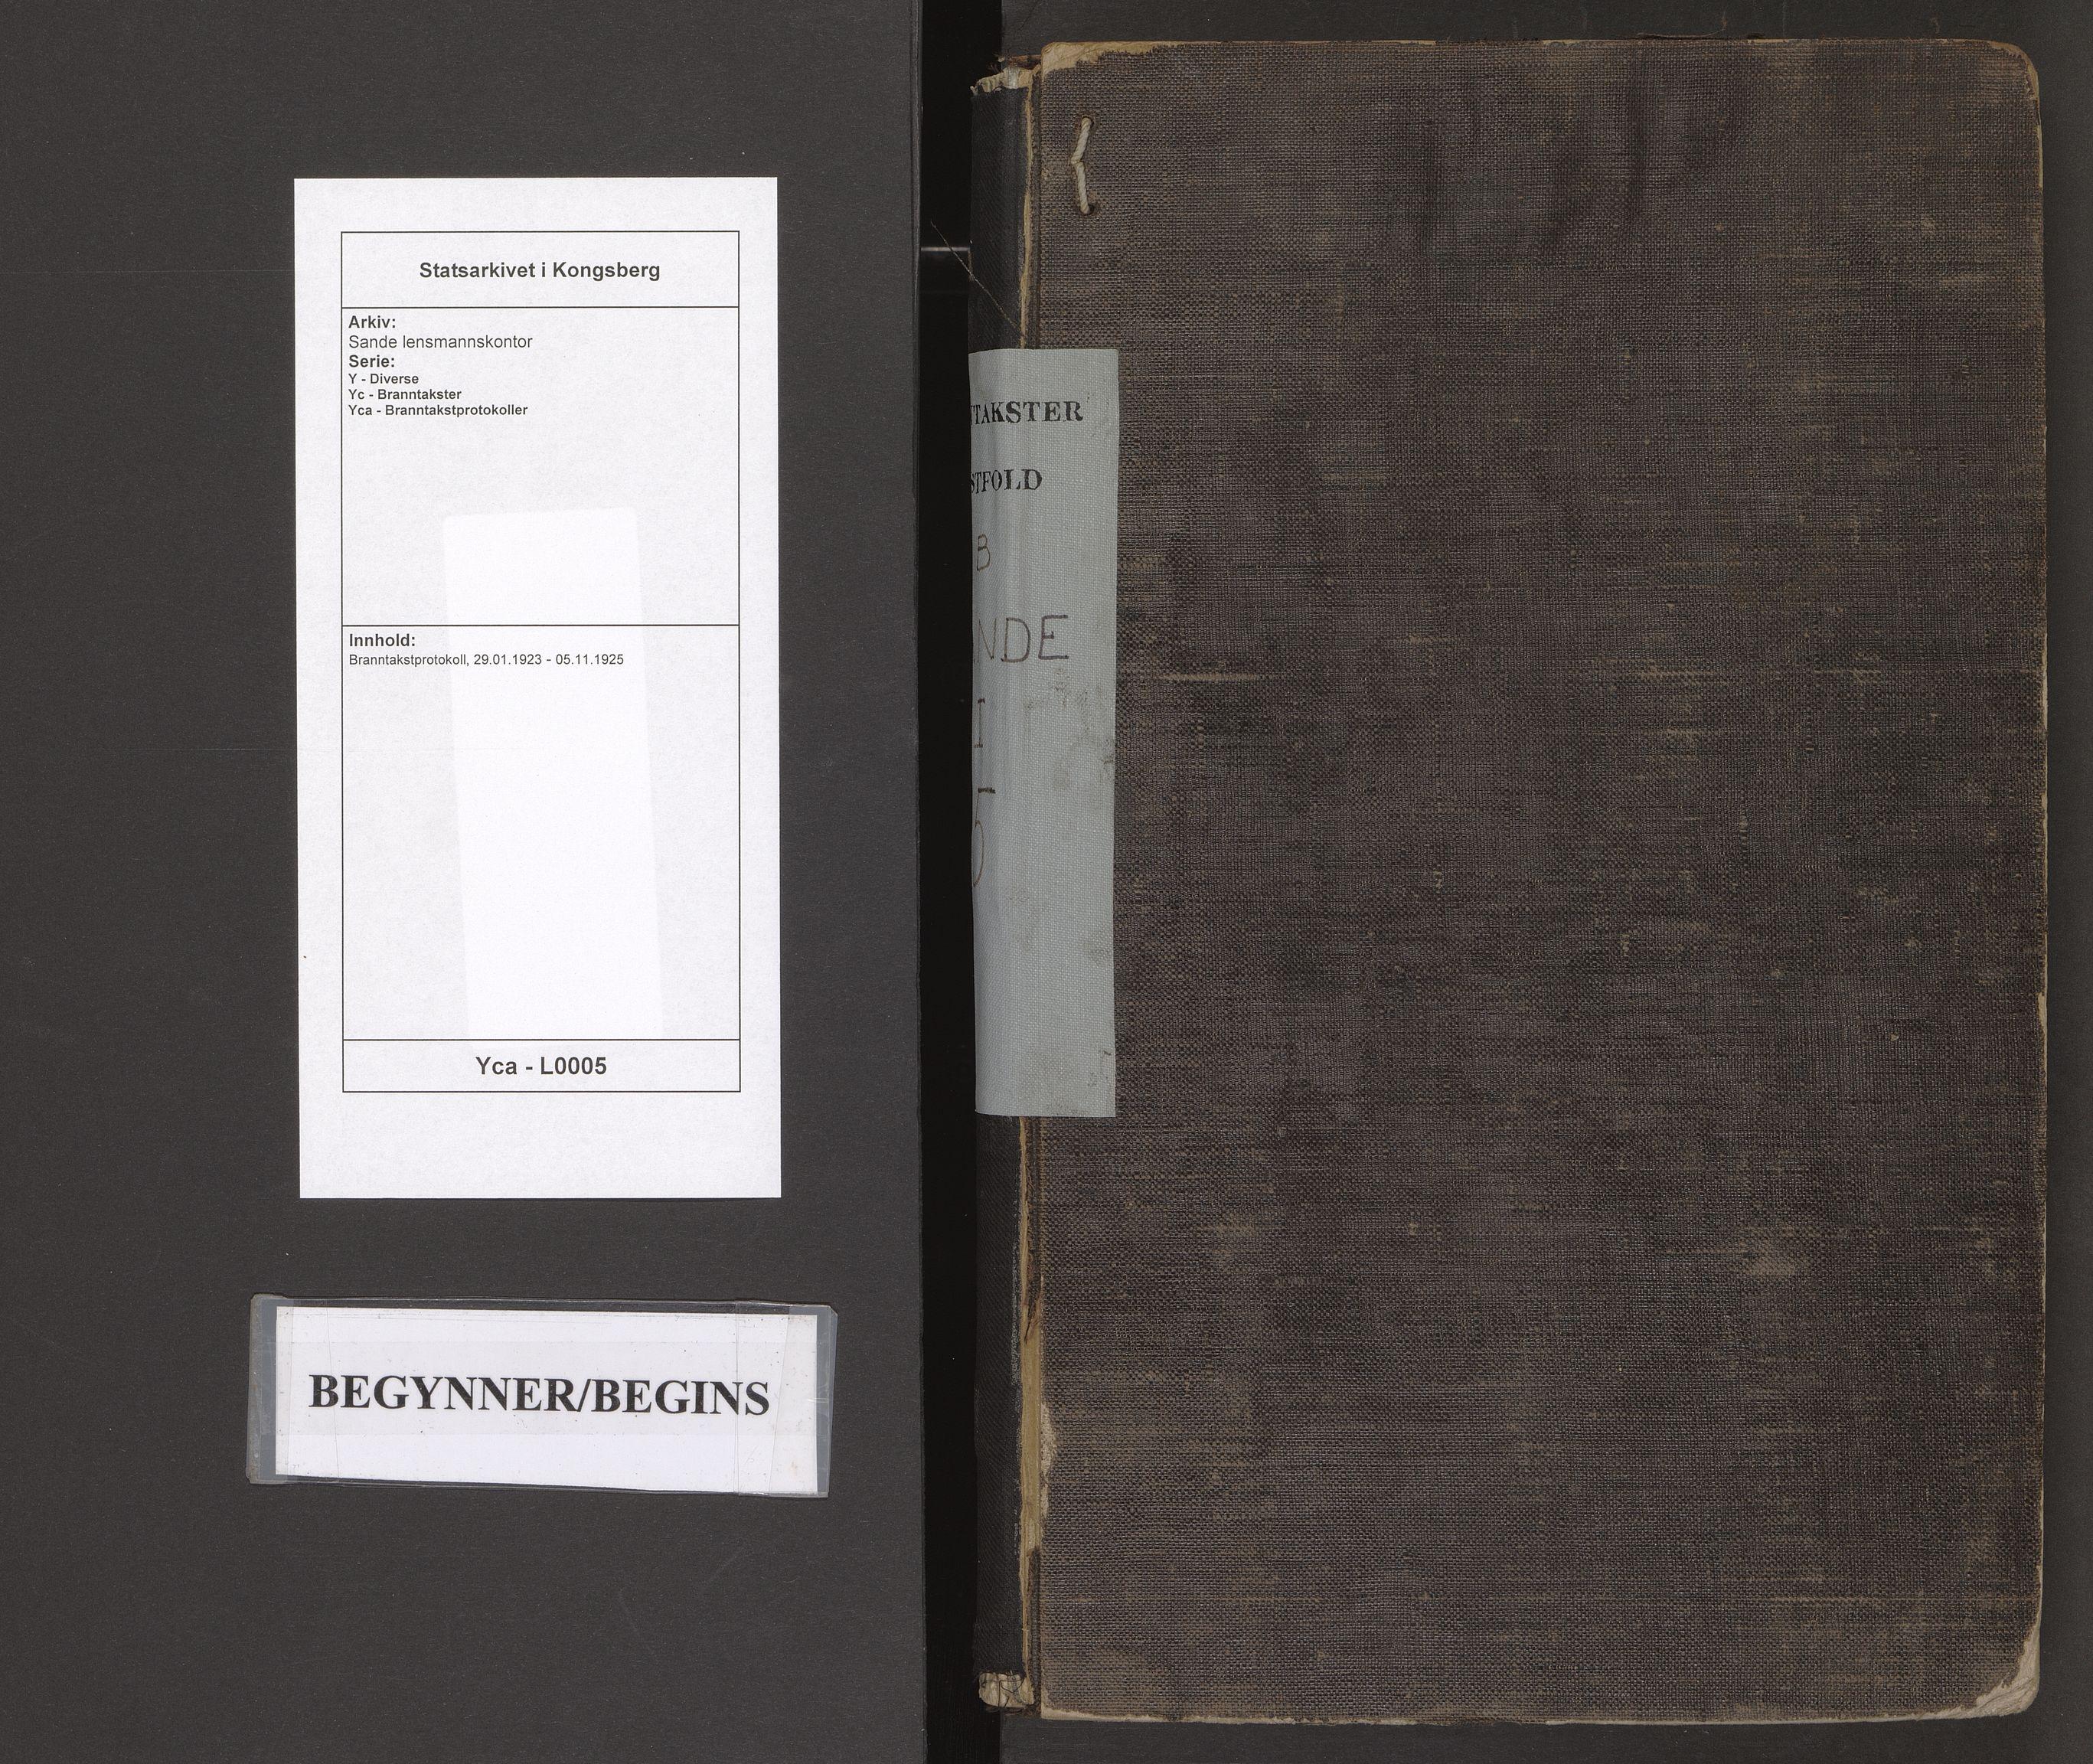 SAKO, Sande lensmannskontor, Y/Yc/Yca/L0005: Branntakstprotokoll, 1923-1925